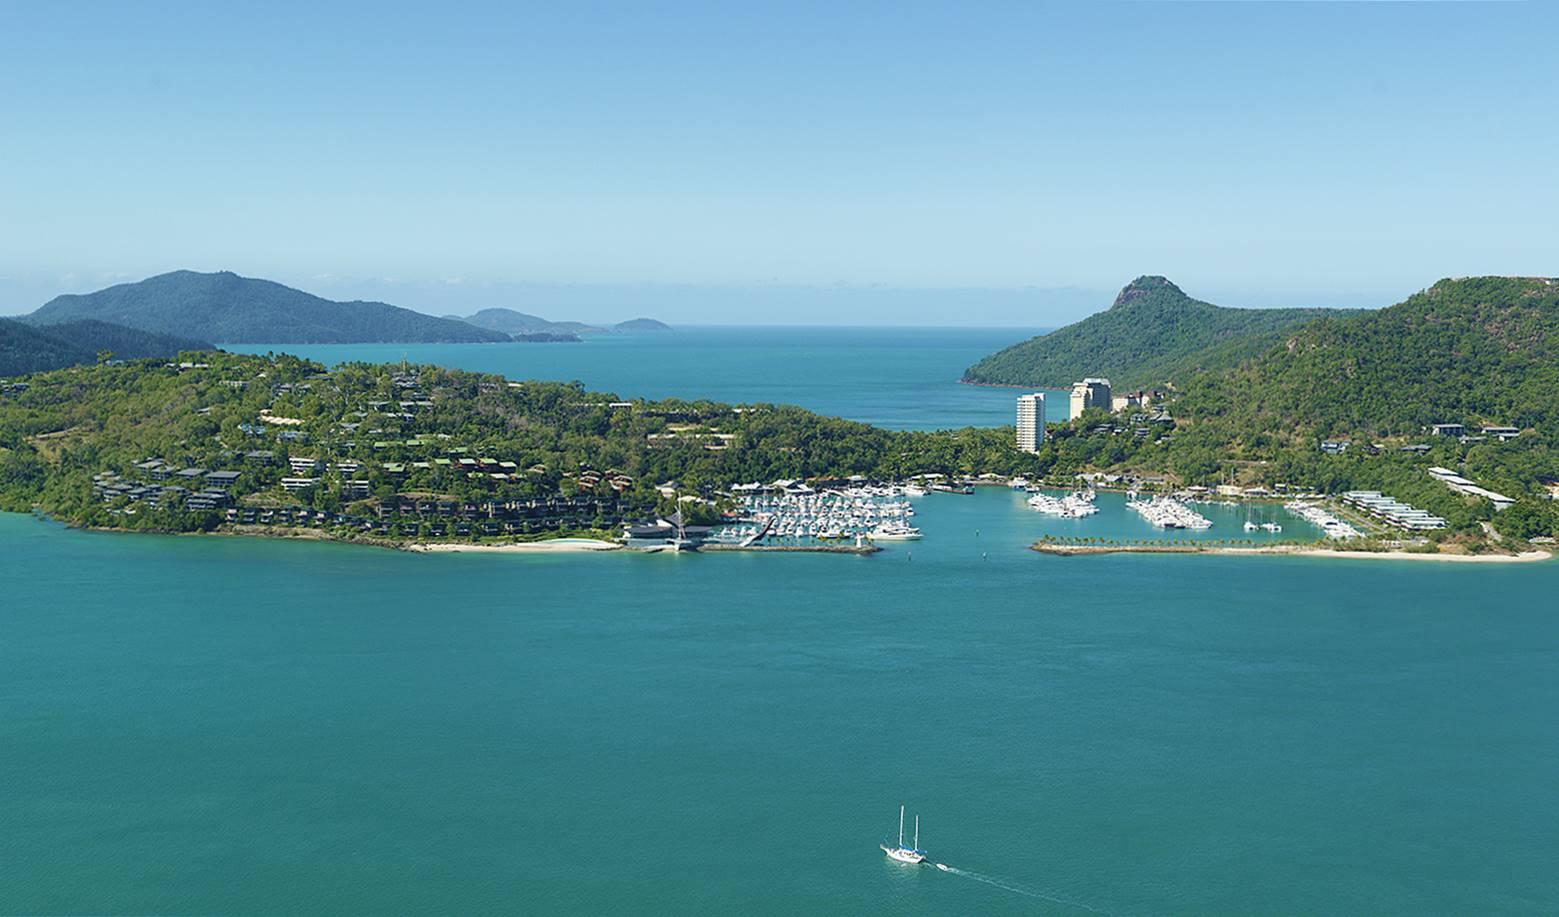 聖靈群島-漢密爾頓島-景點-推薦-交通-遊記-自由行-行程-住宿-旅遊-度假-一日遊-澳洲-Hamilton-Island-Whitsundays